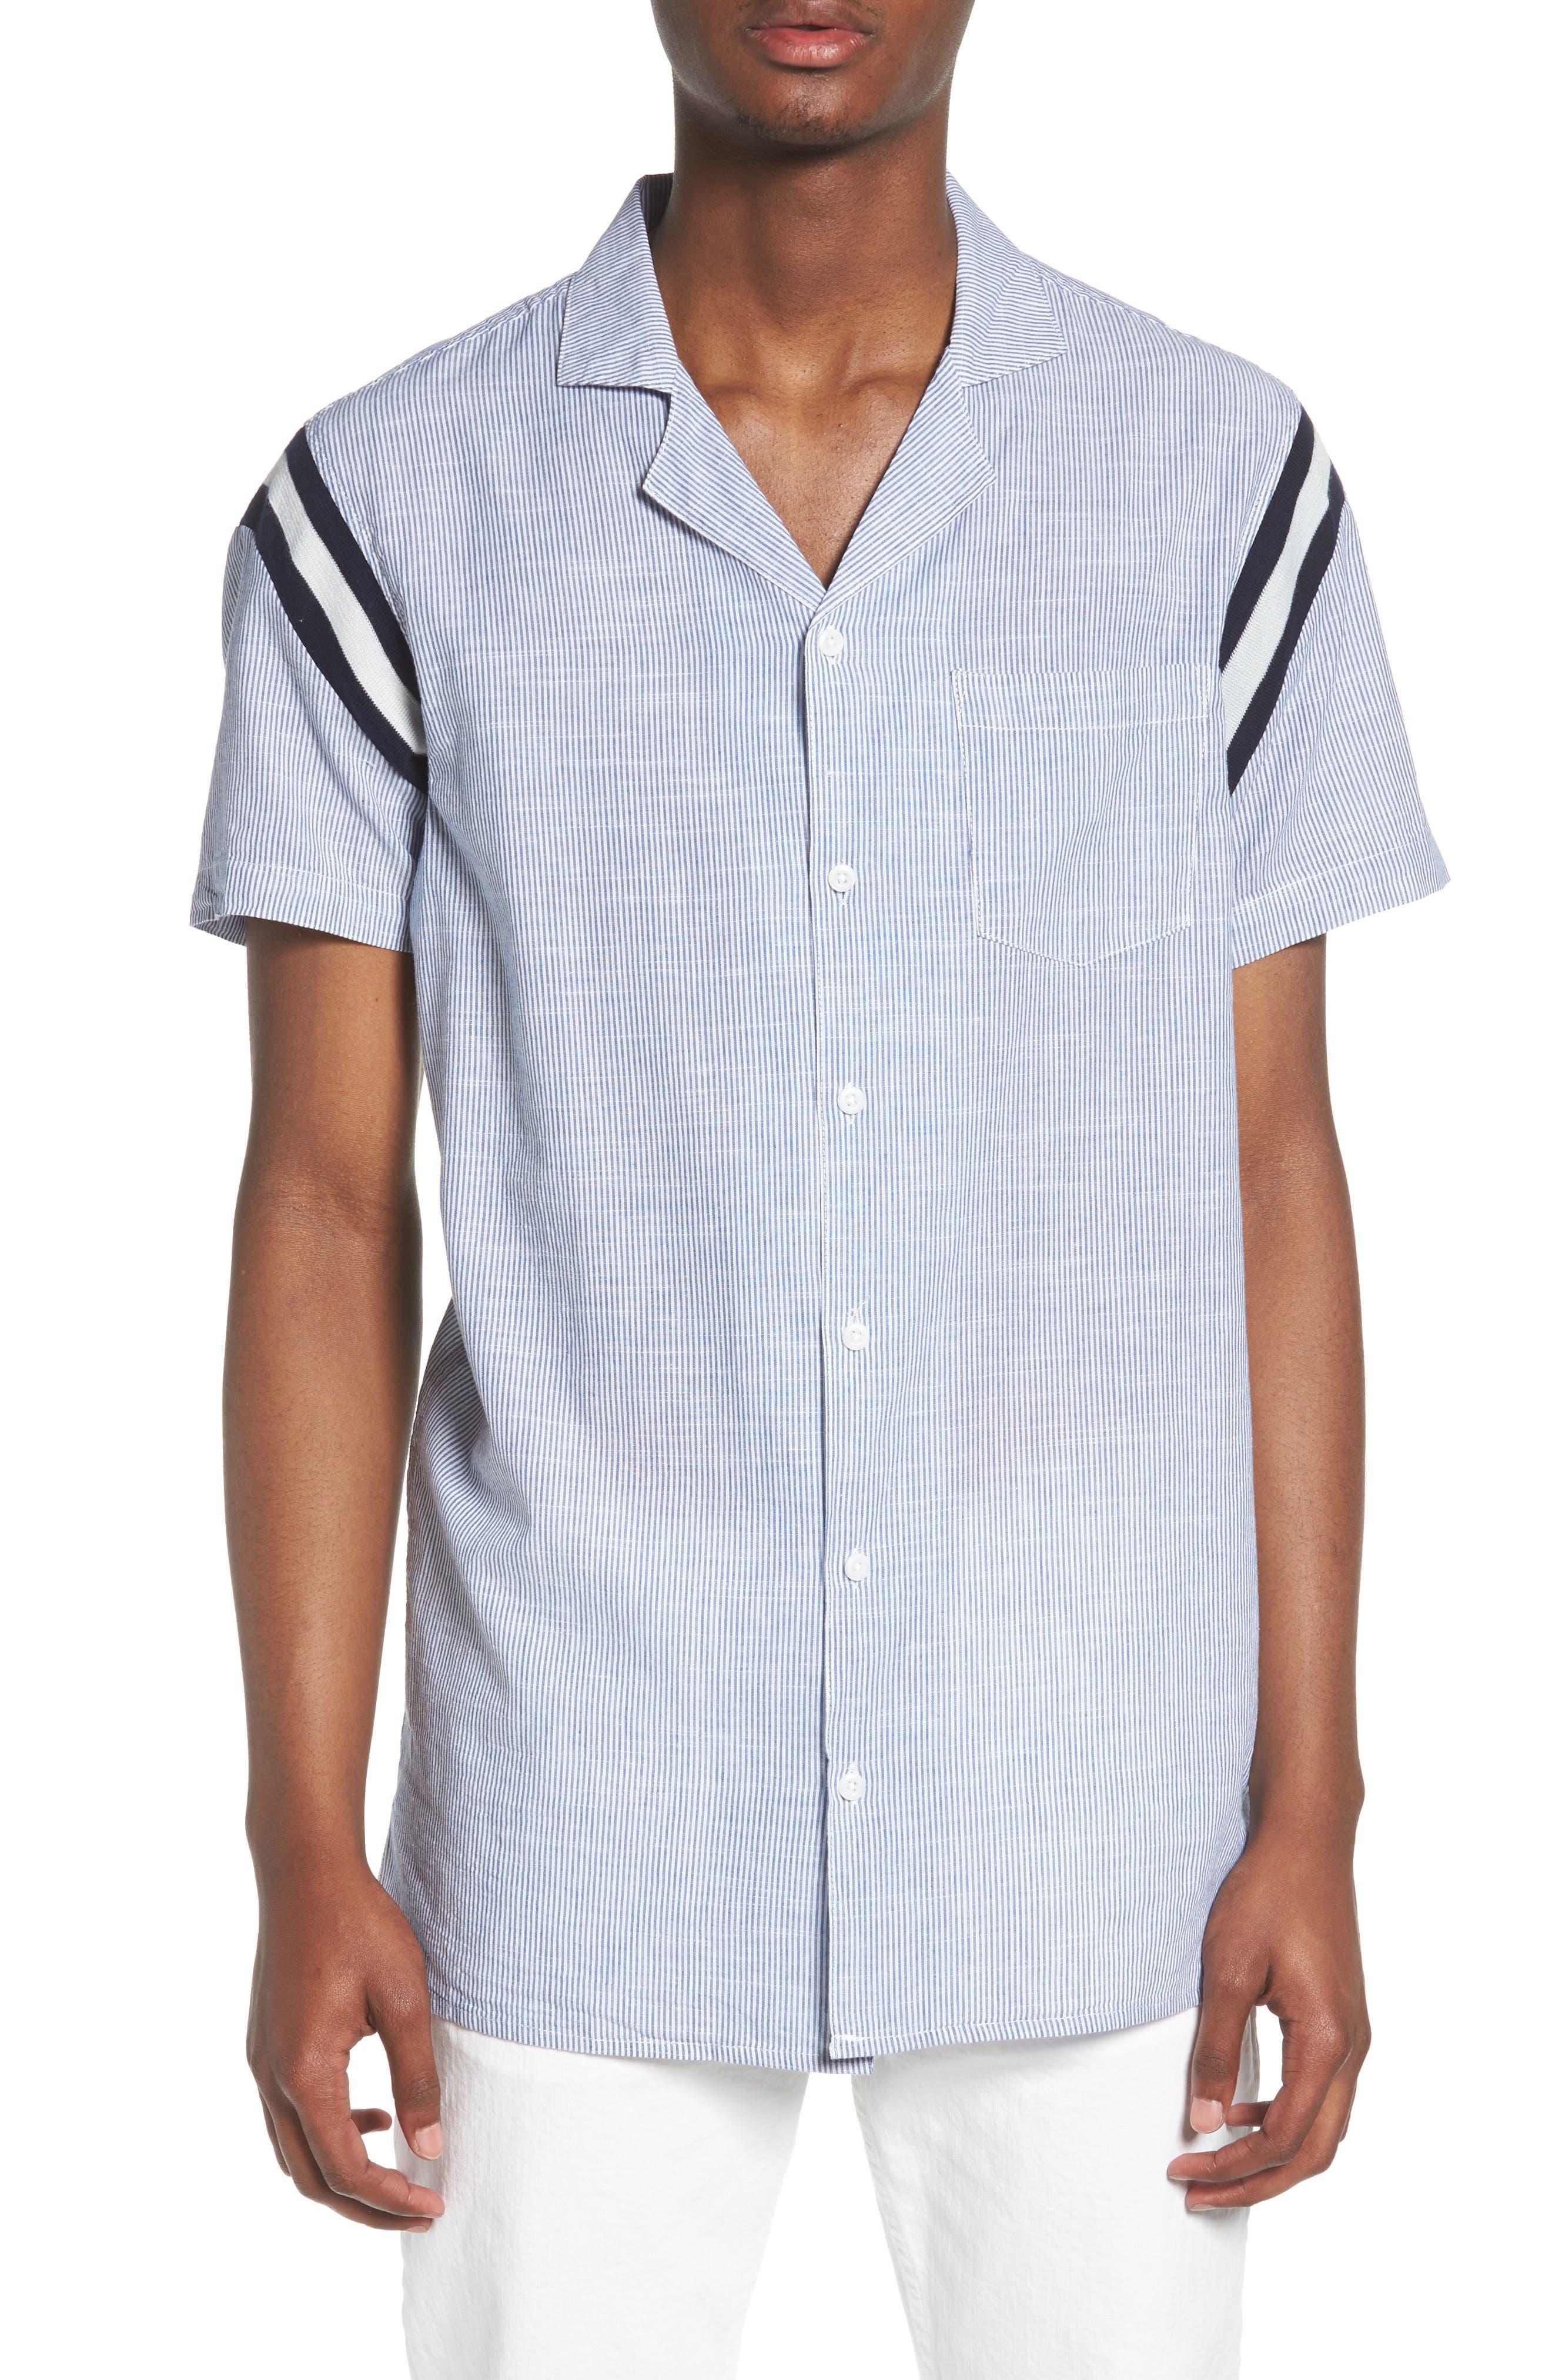 The Rail Striped Shirt